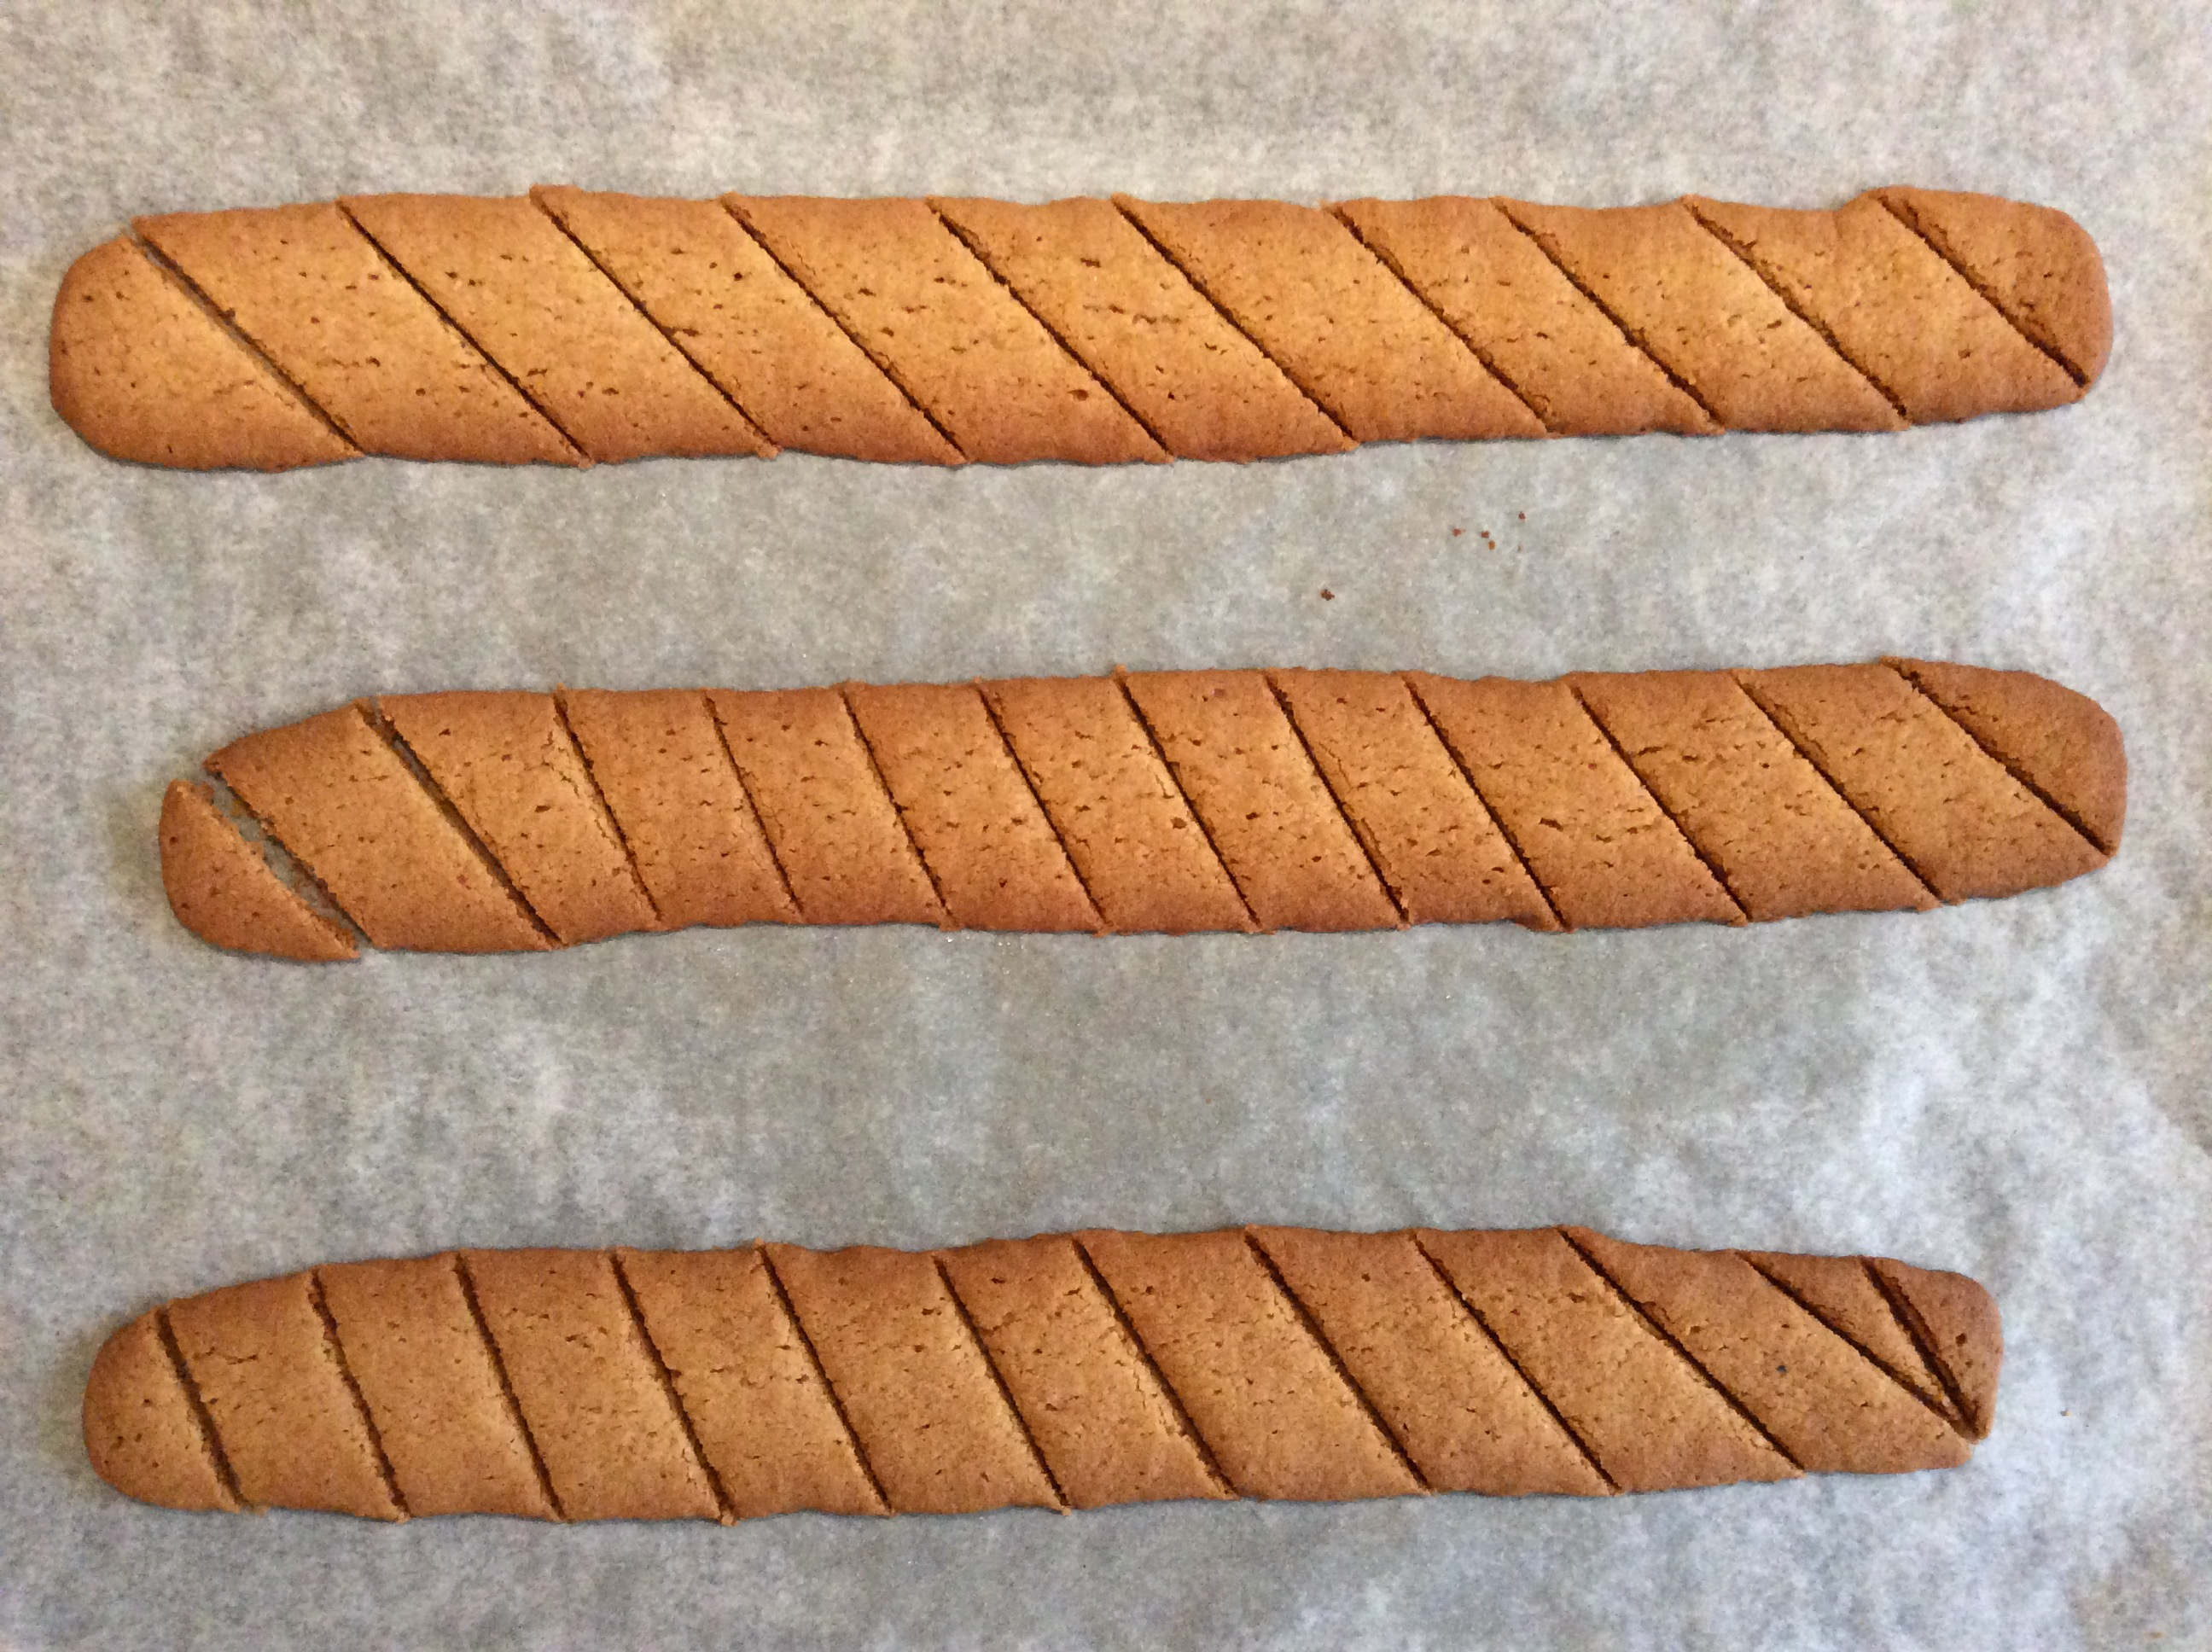 Julebag - glutenfri småkager med sirup